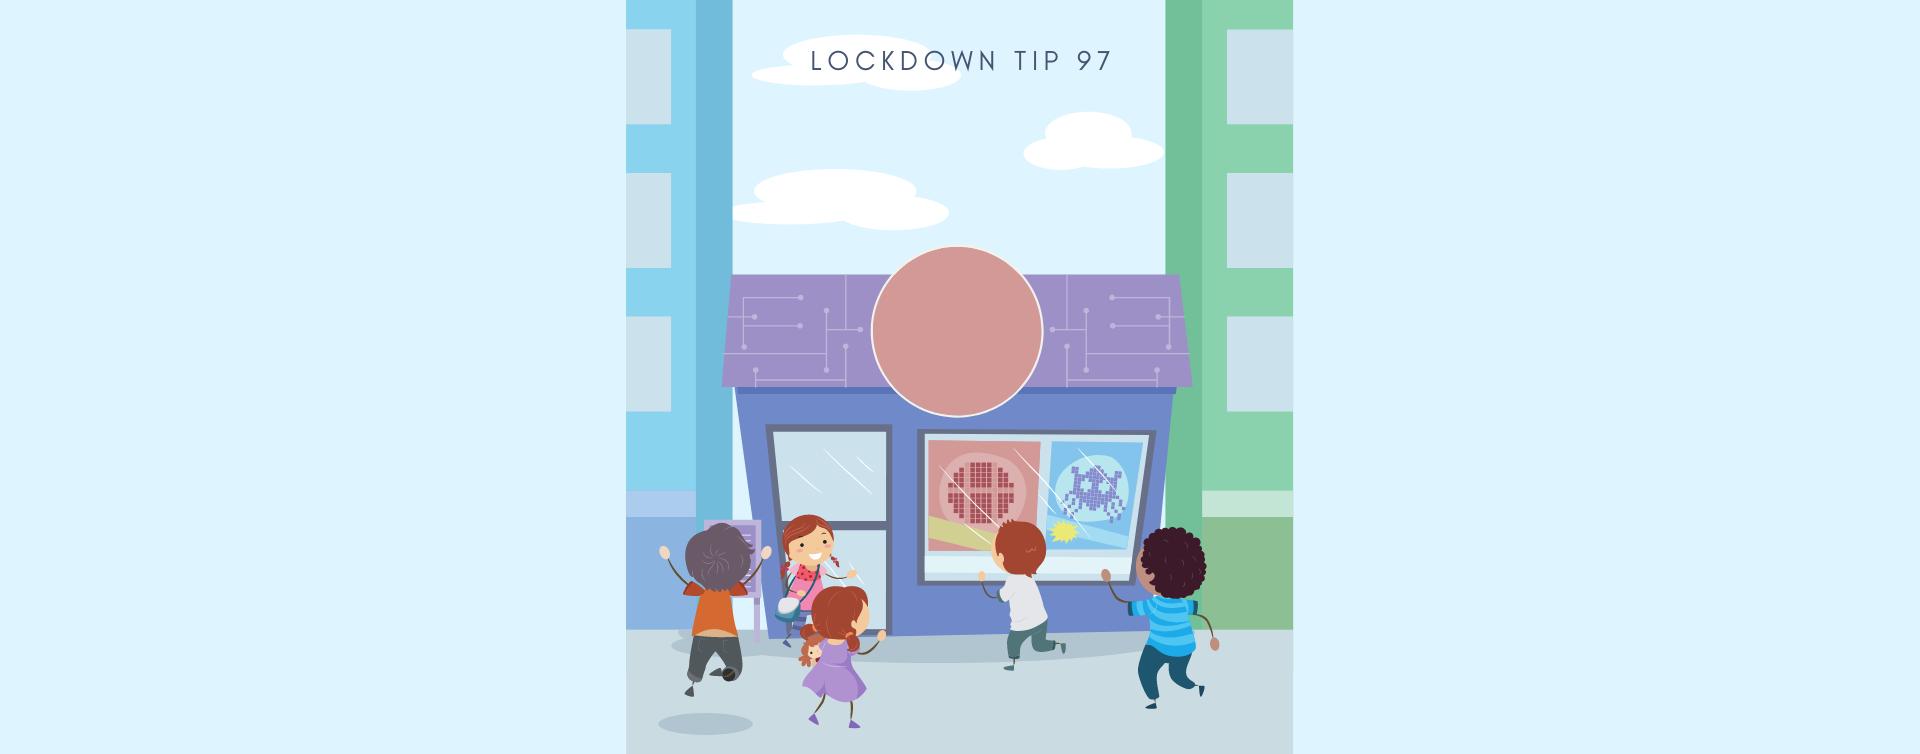 MCSA Lockdown Tip 97